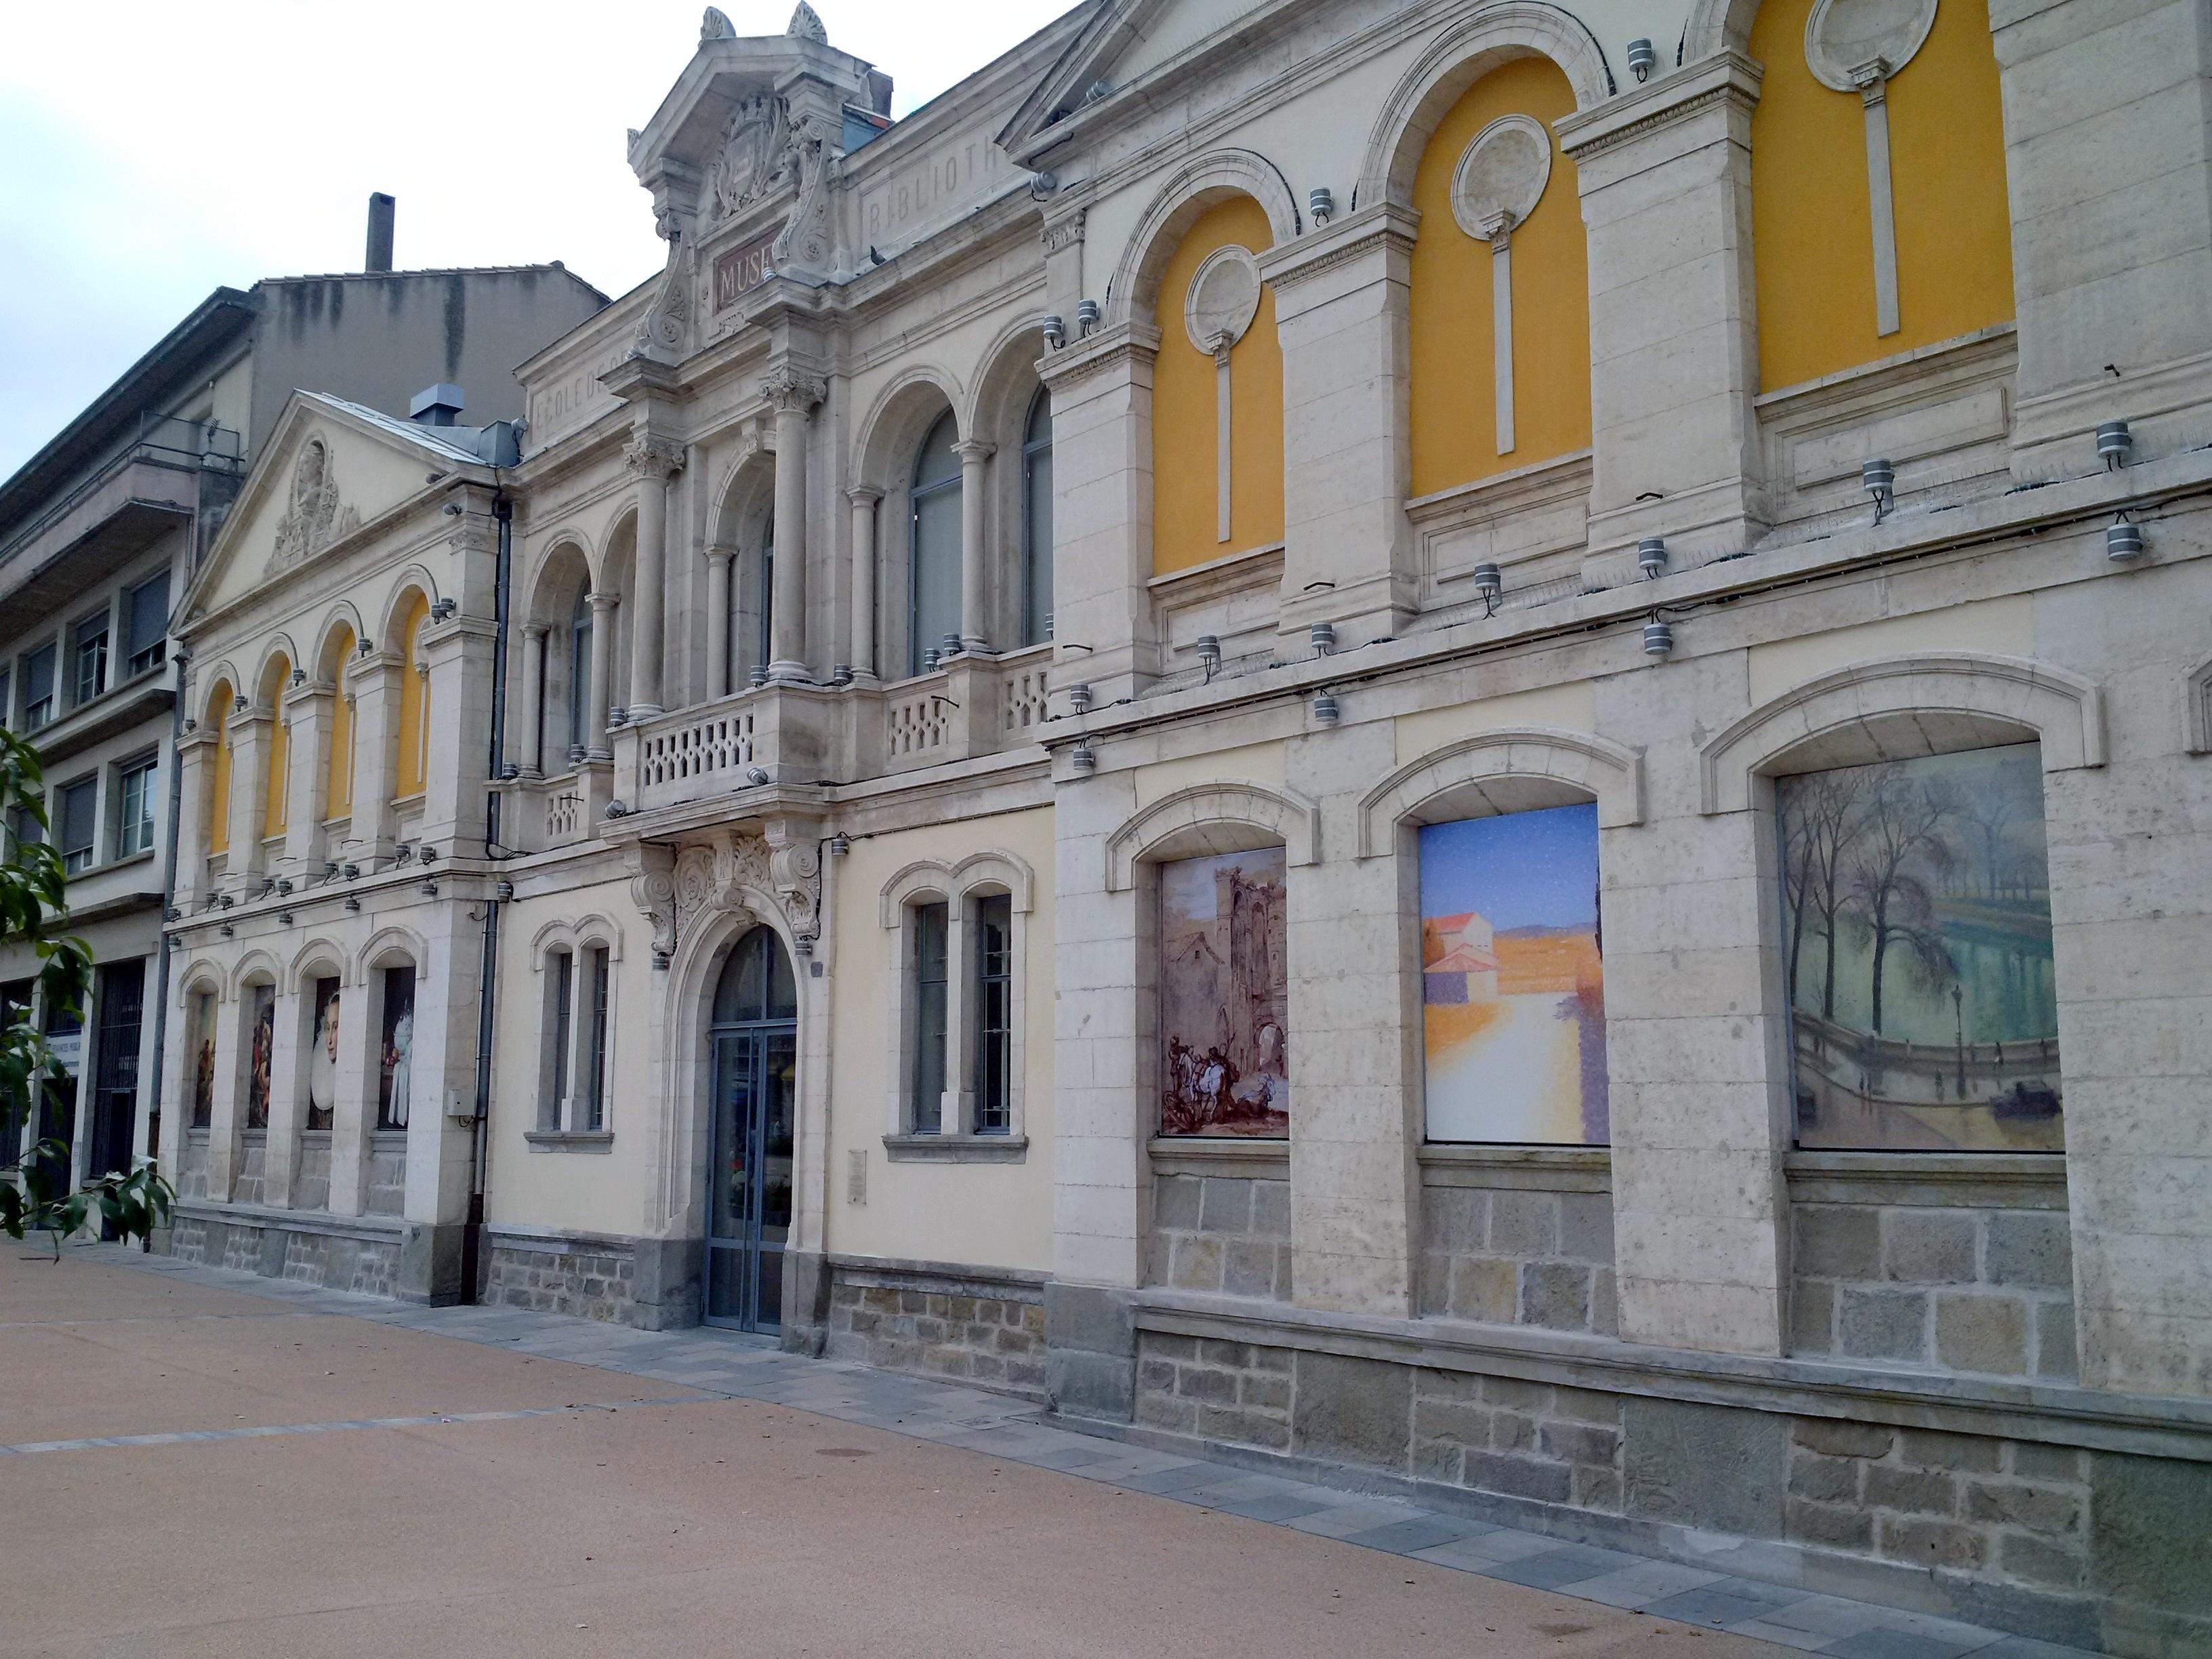 1541-musee-des-beaux-arts-carcassonne-aude.jpg